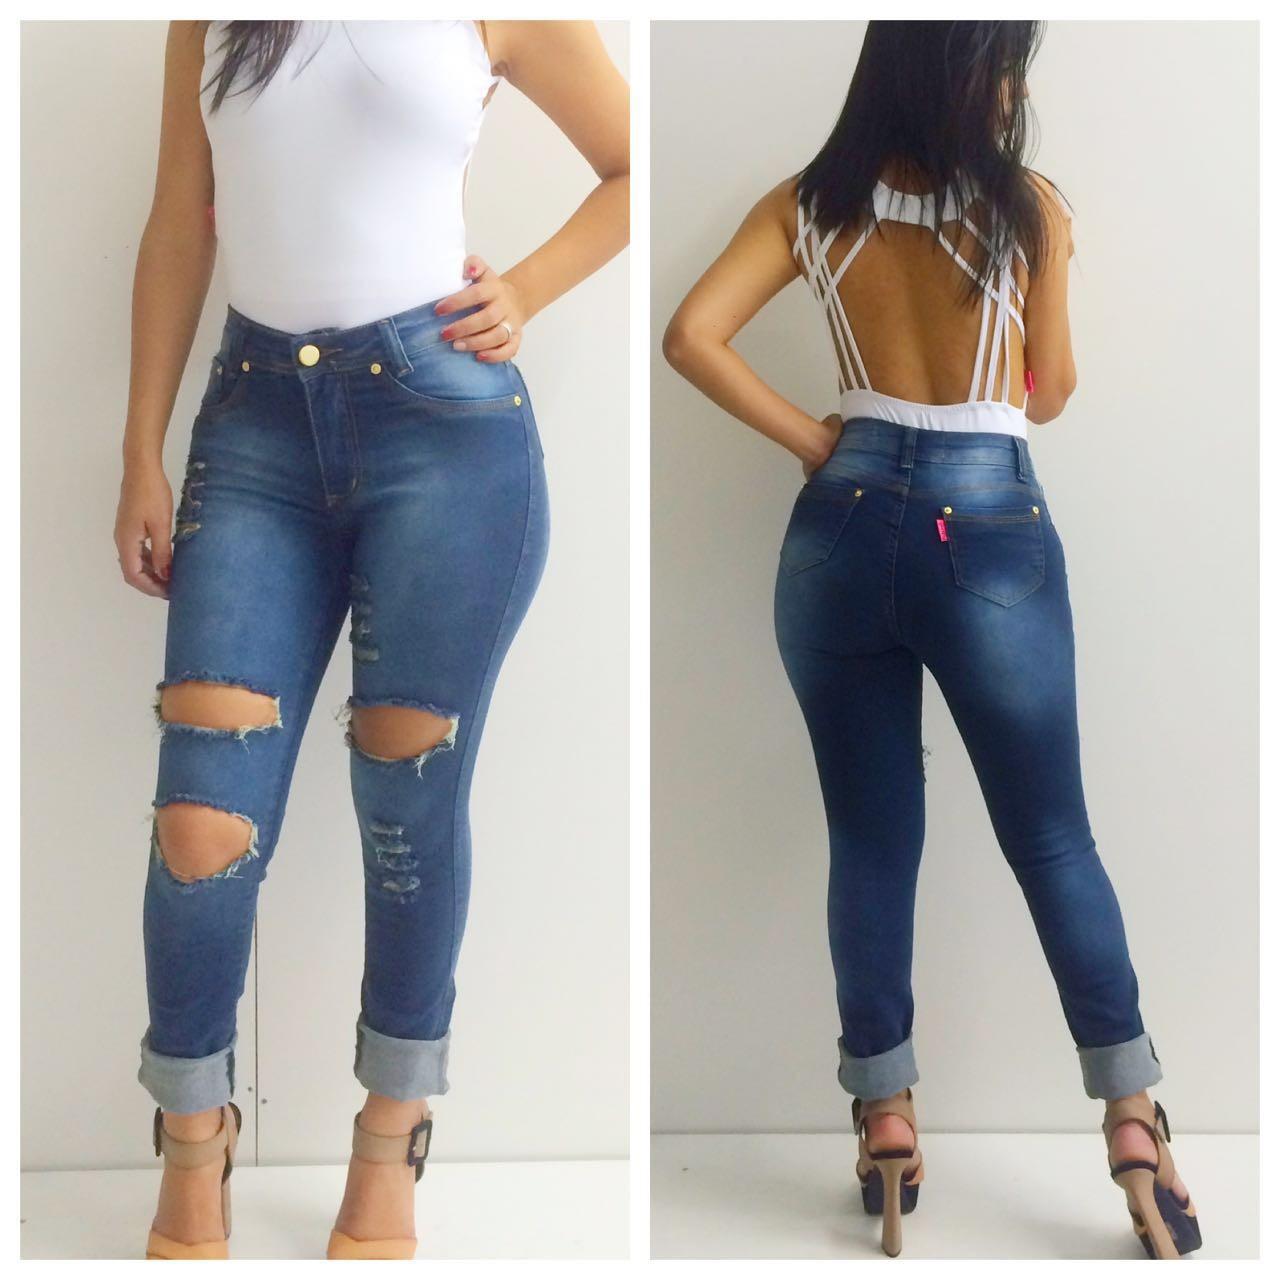 e0a1cba18 Calça jeans feminina com detalhes de renda